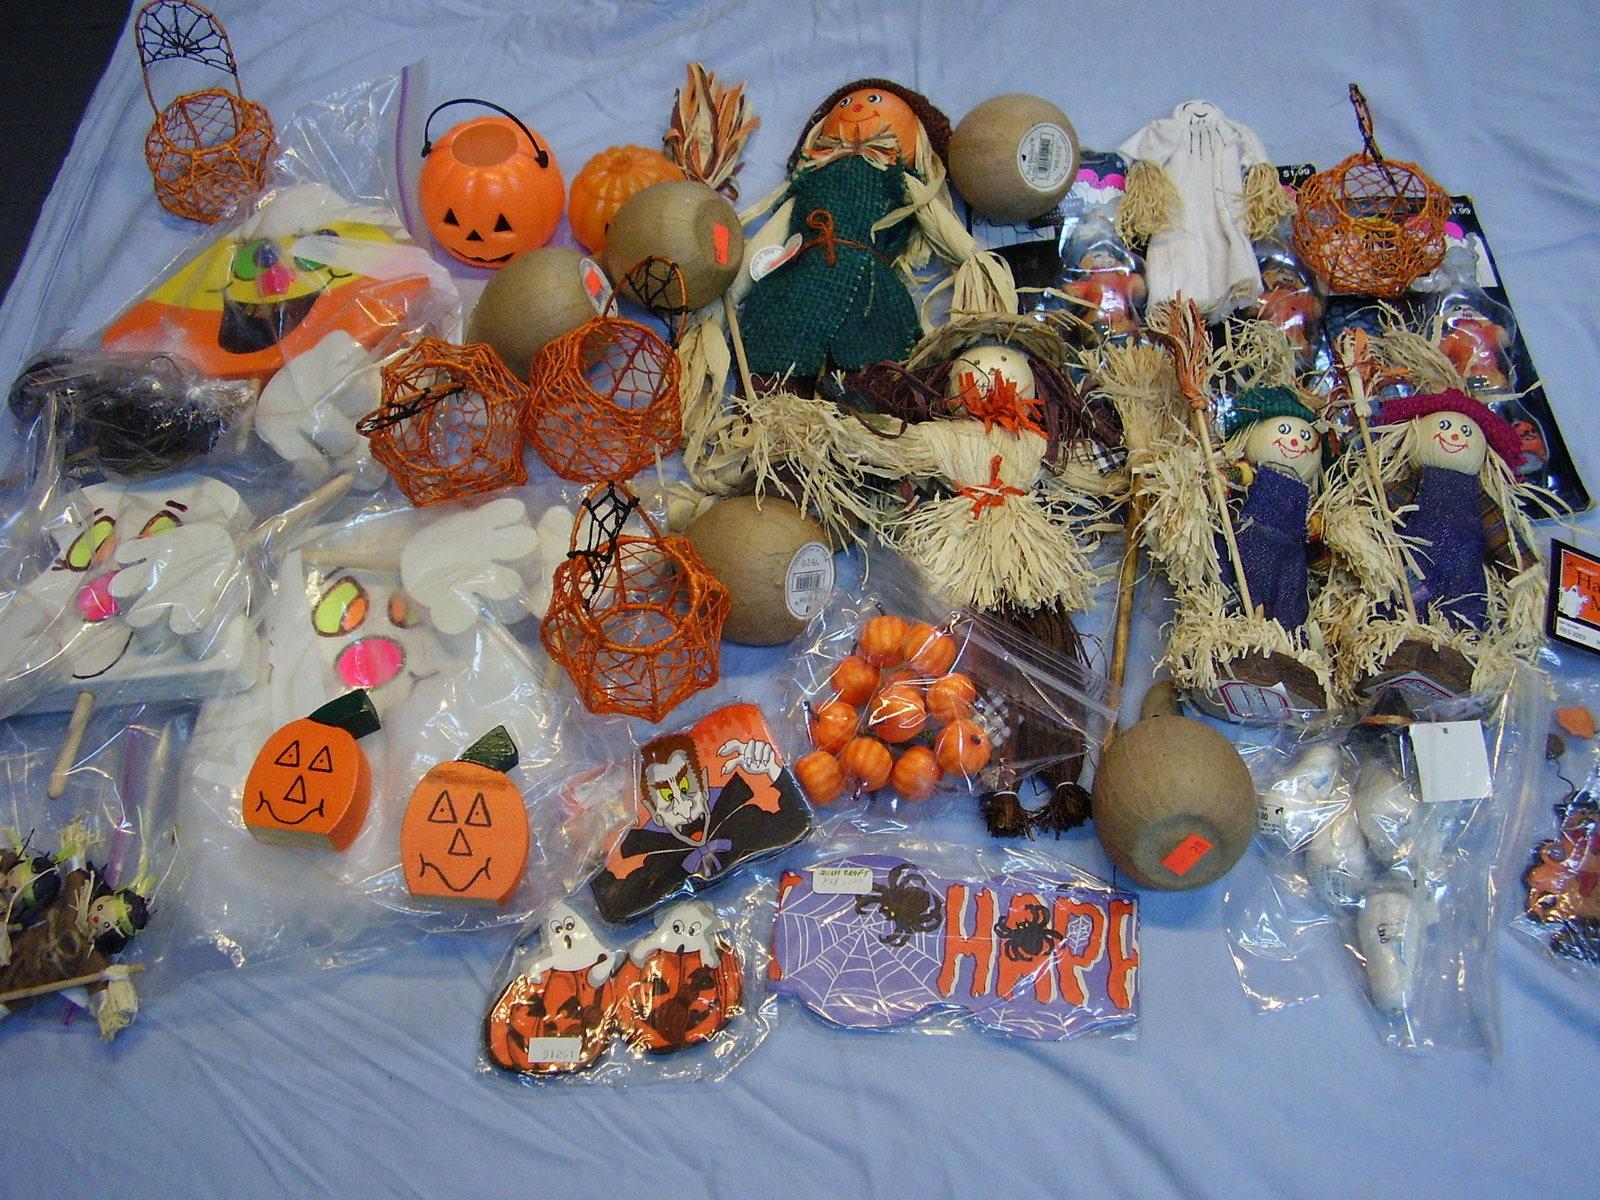 Buy halloween decorations nz halloween decoration - Where can i buy halloween decorations ...